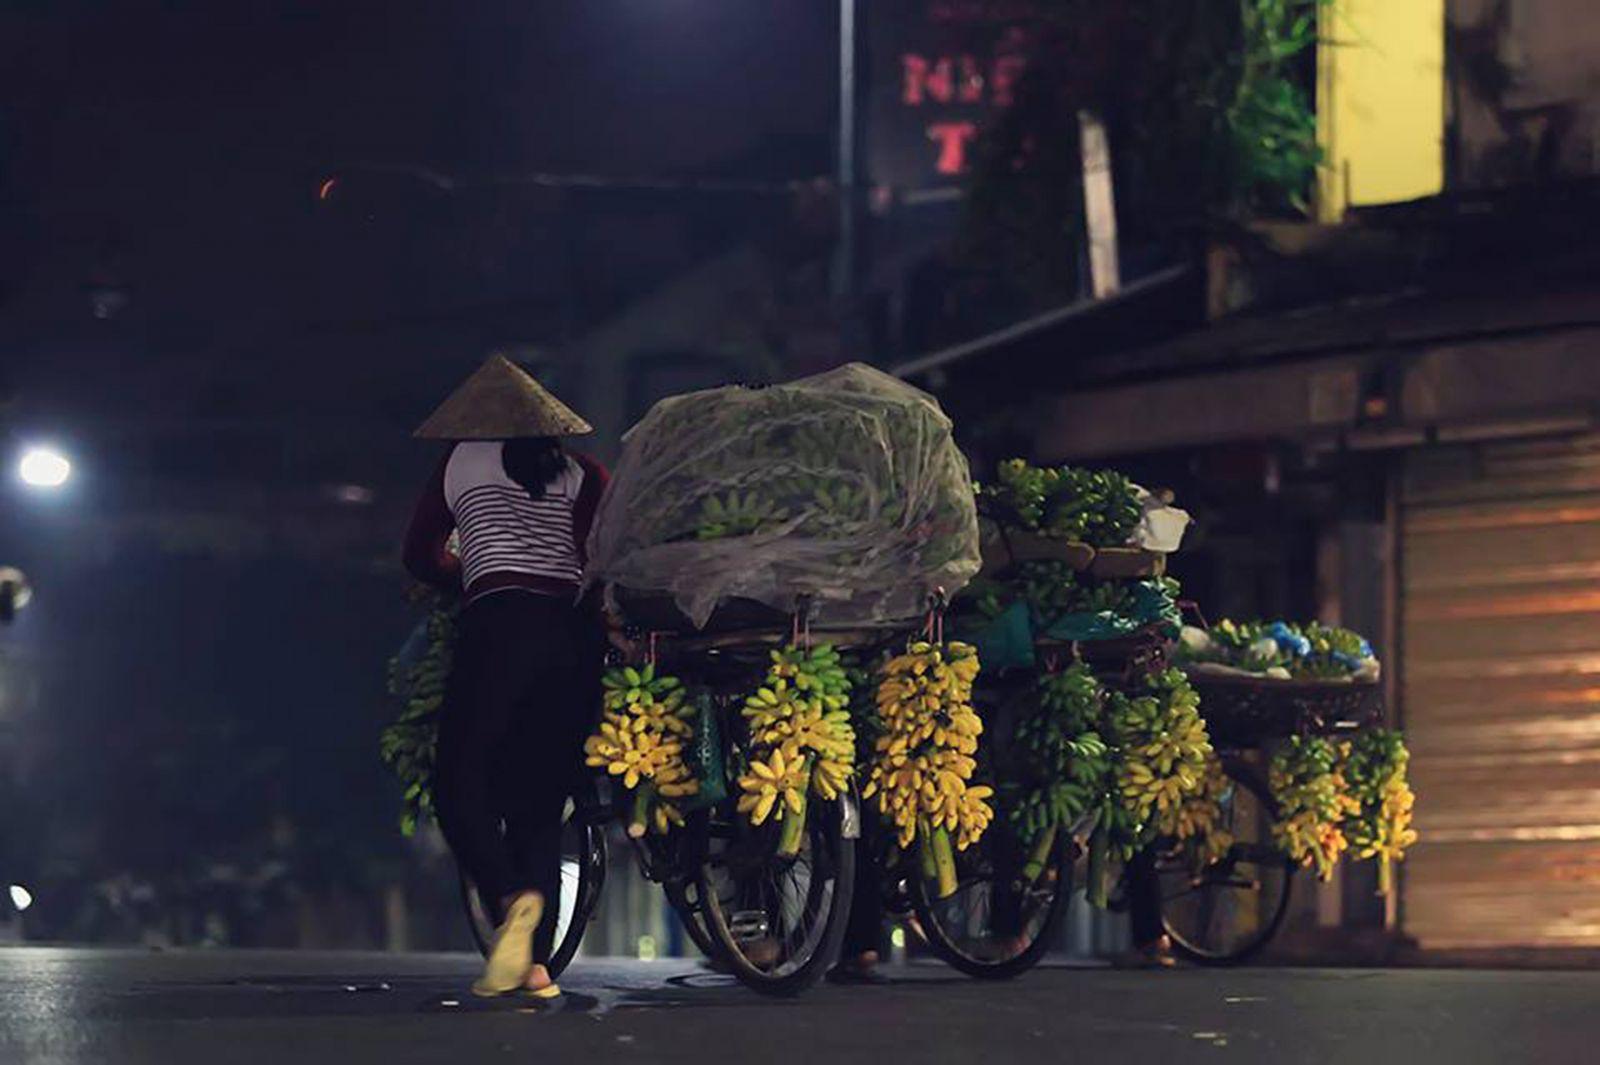 Ra chợ sáng sớm